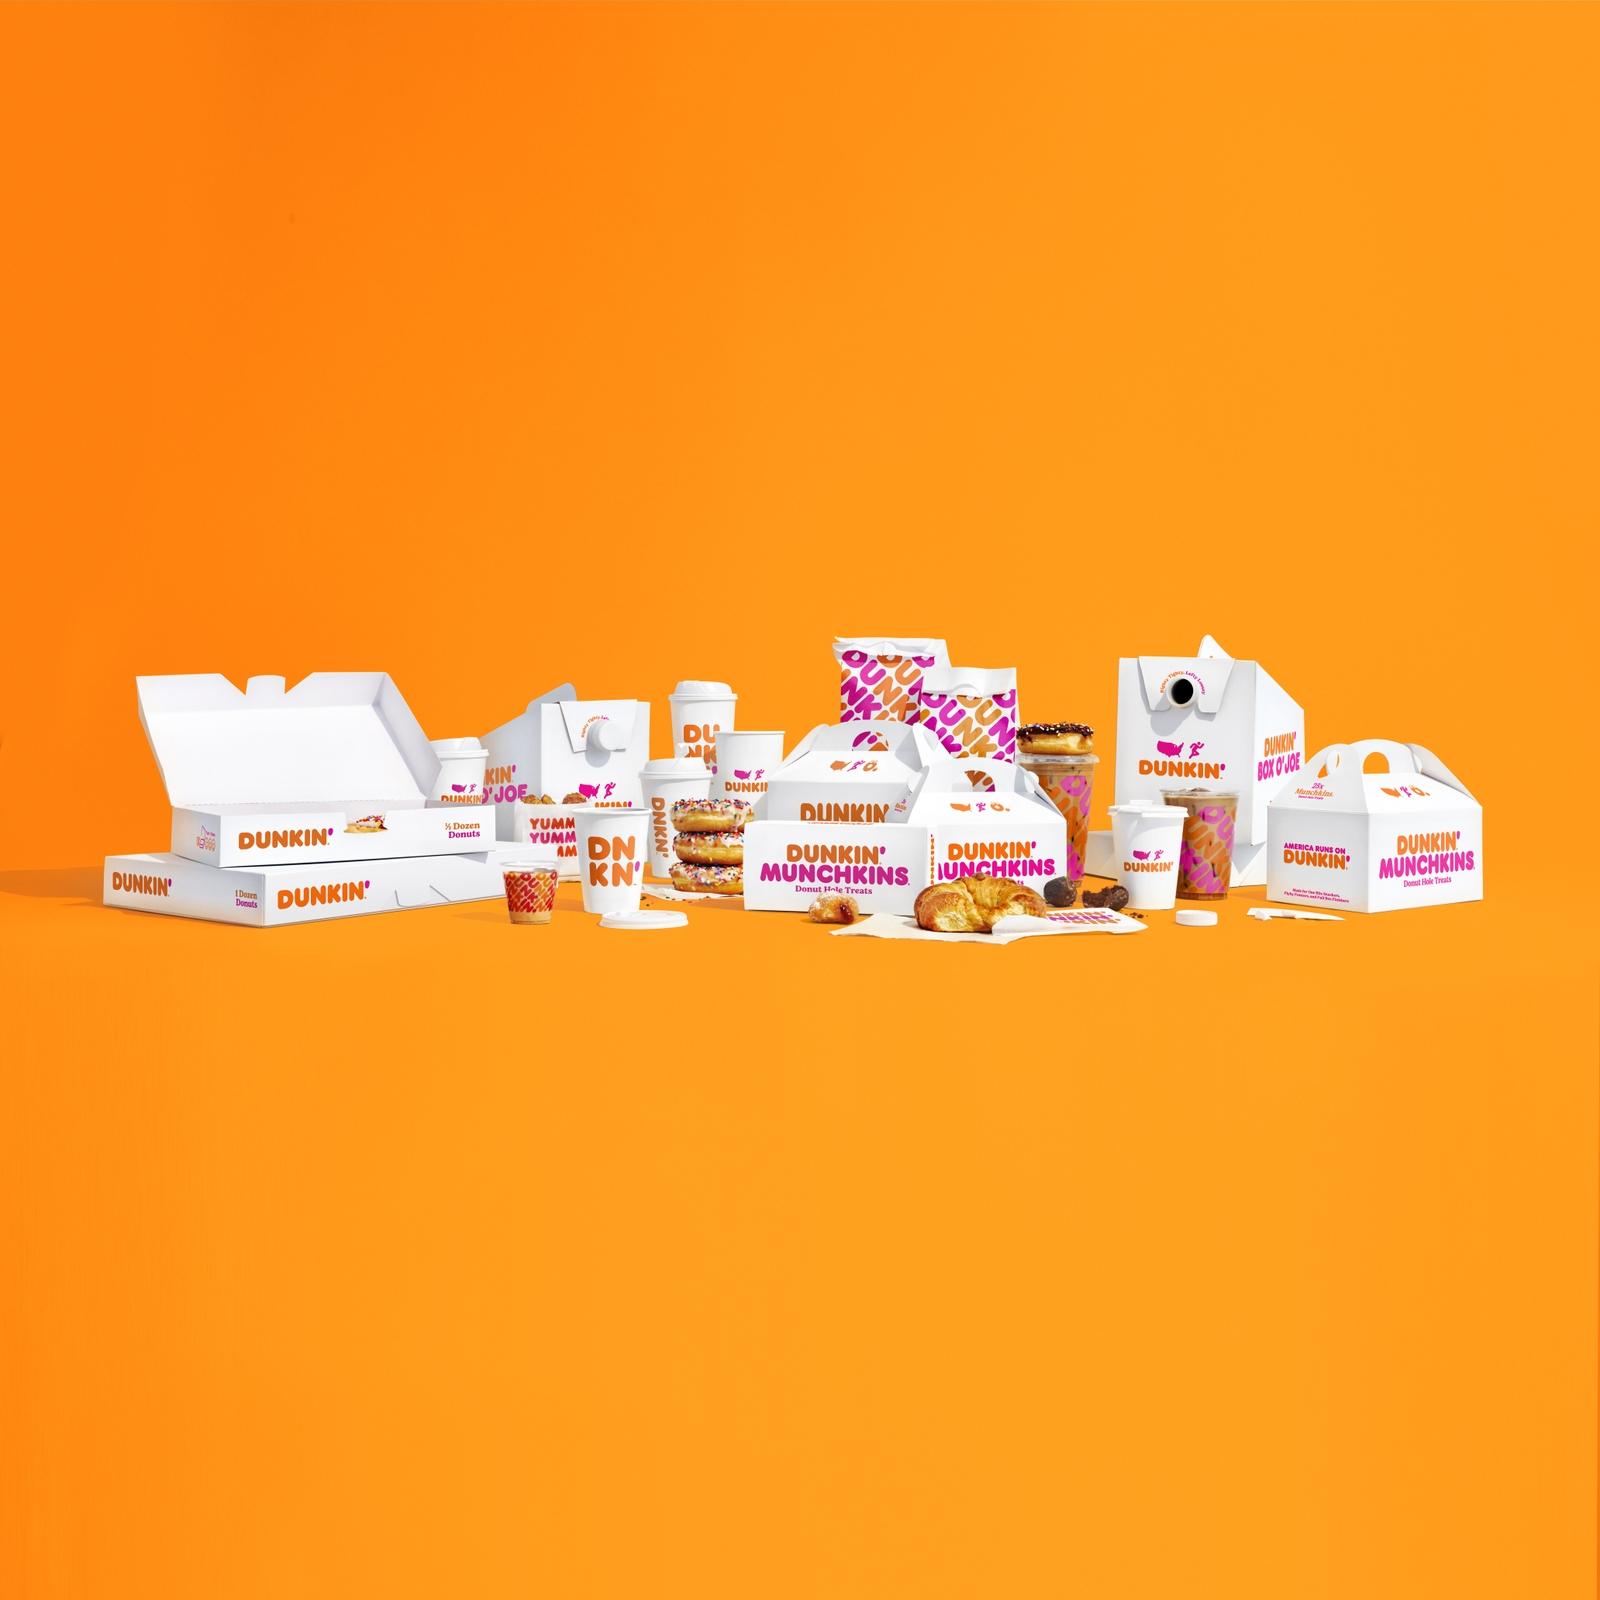 Dunkin' Packaging